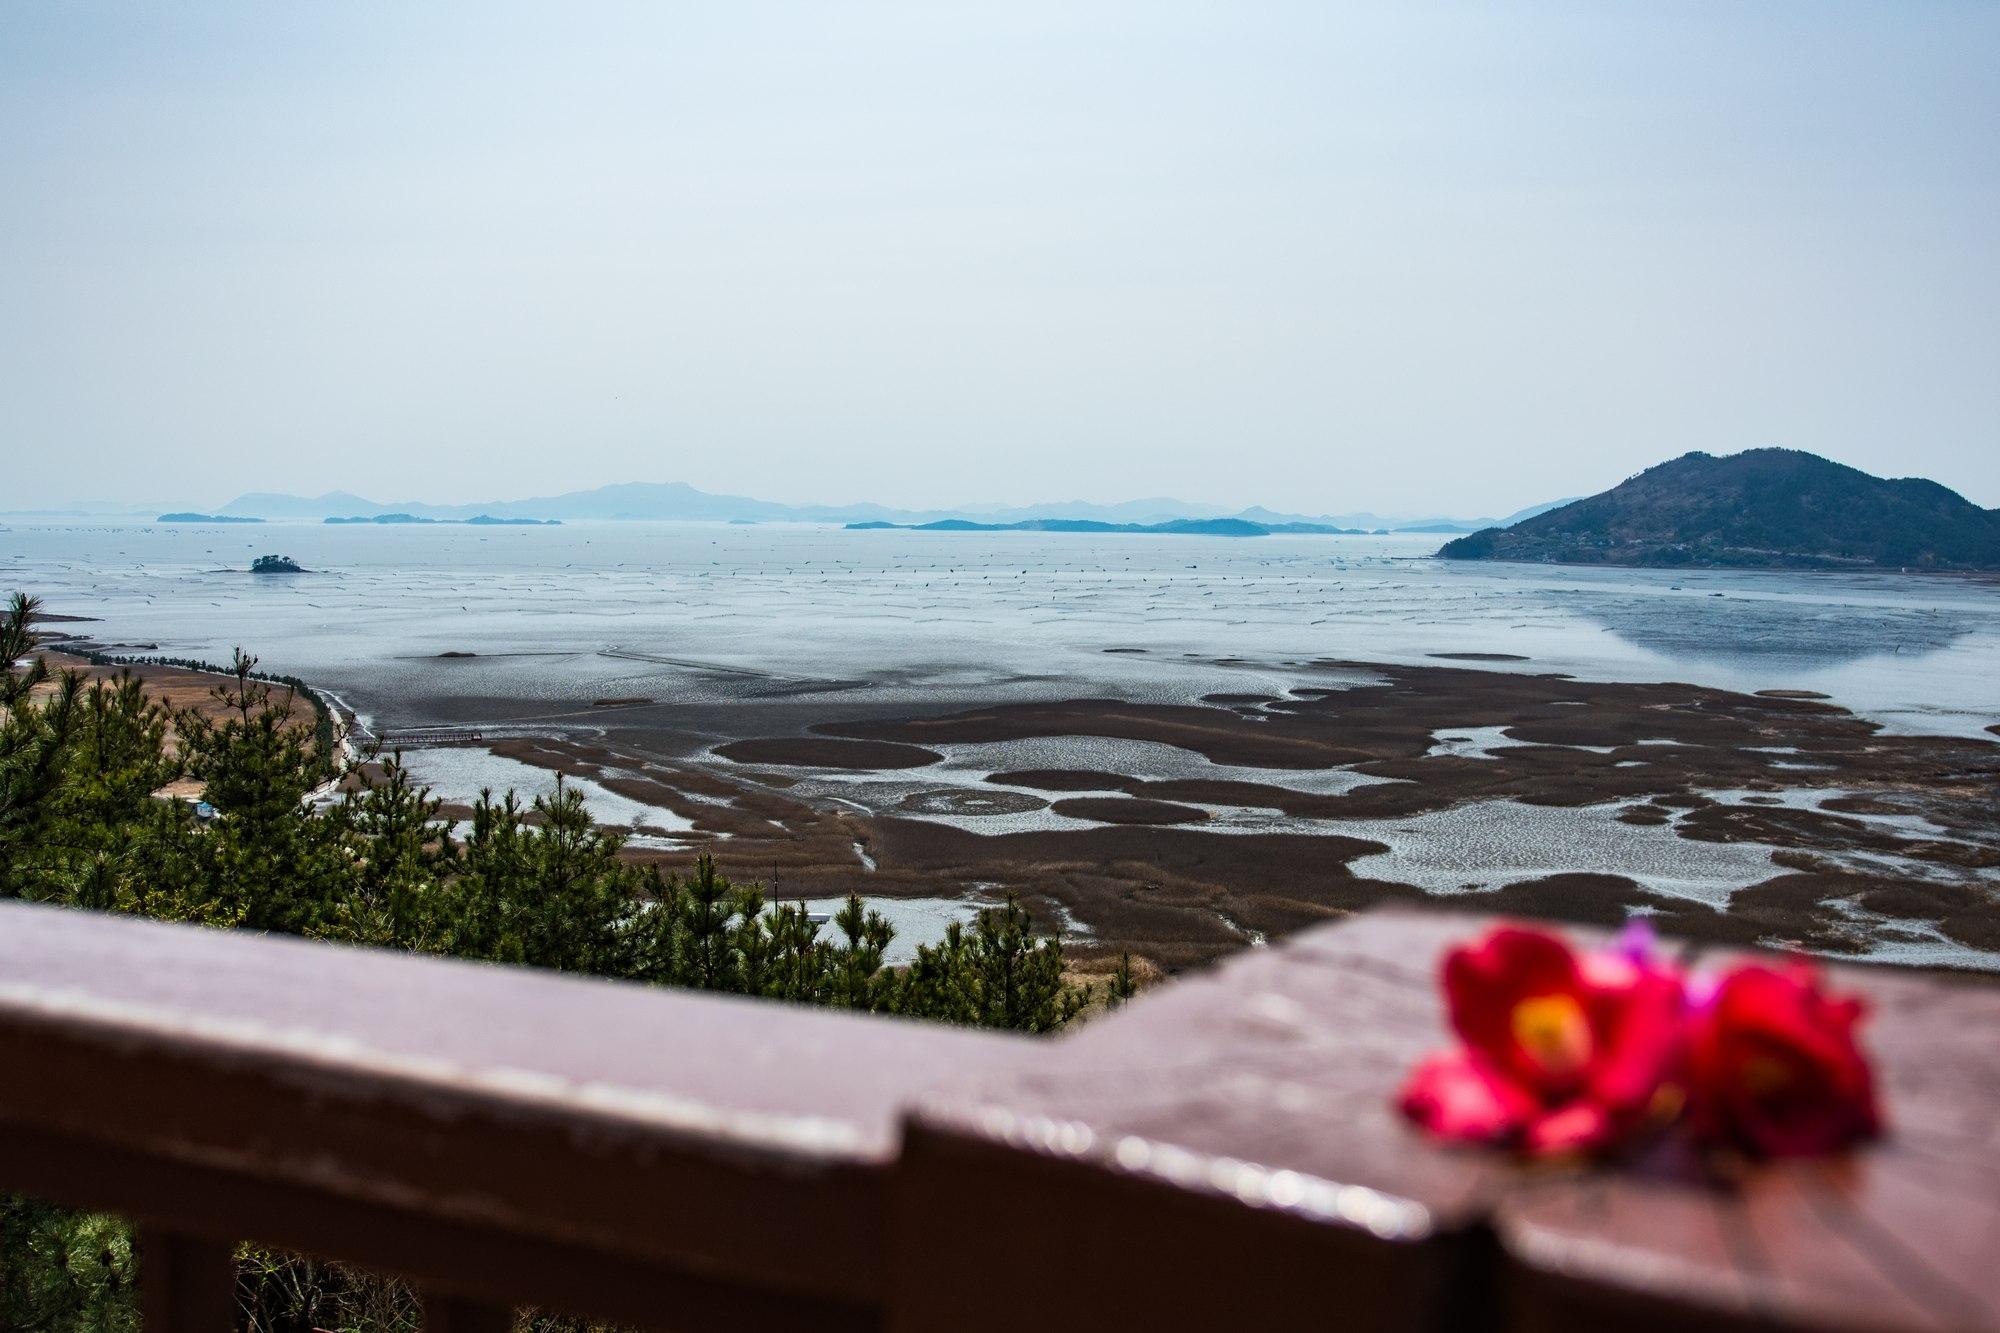 rundreise s dkorea in 14 tagen von seoul nach jeju island. Black Bedroom Furniture Sets. Home Design Ideas